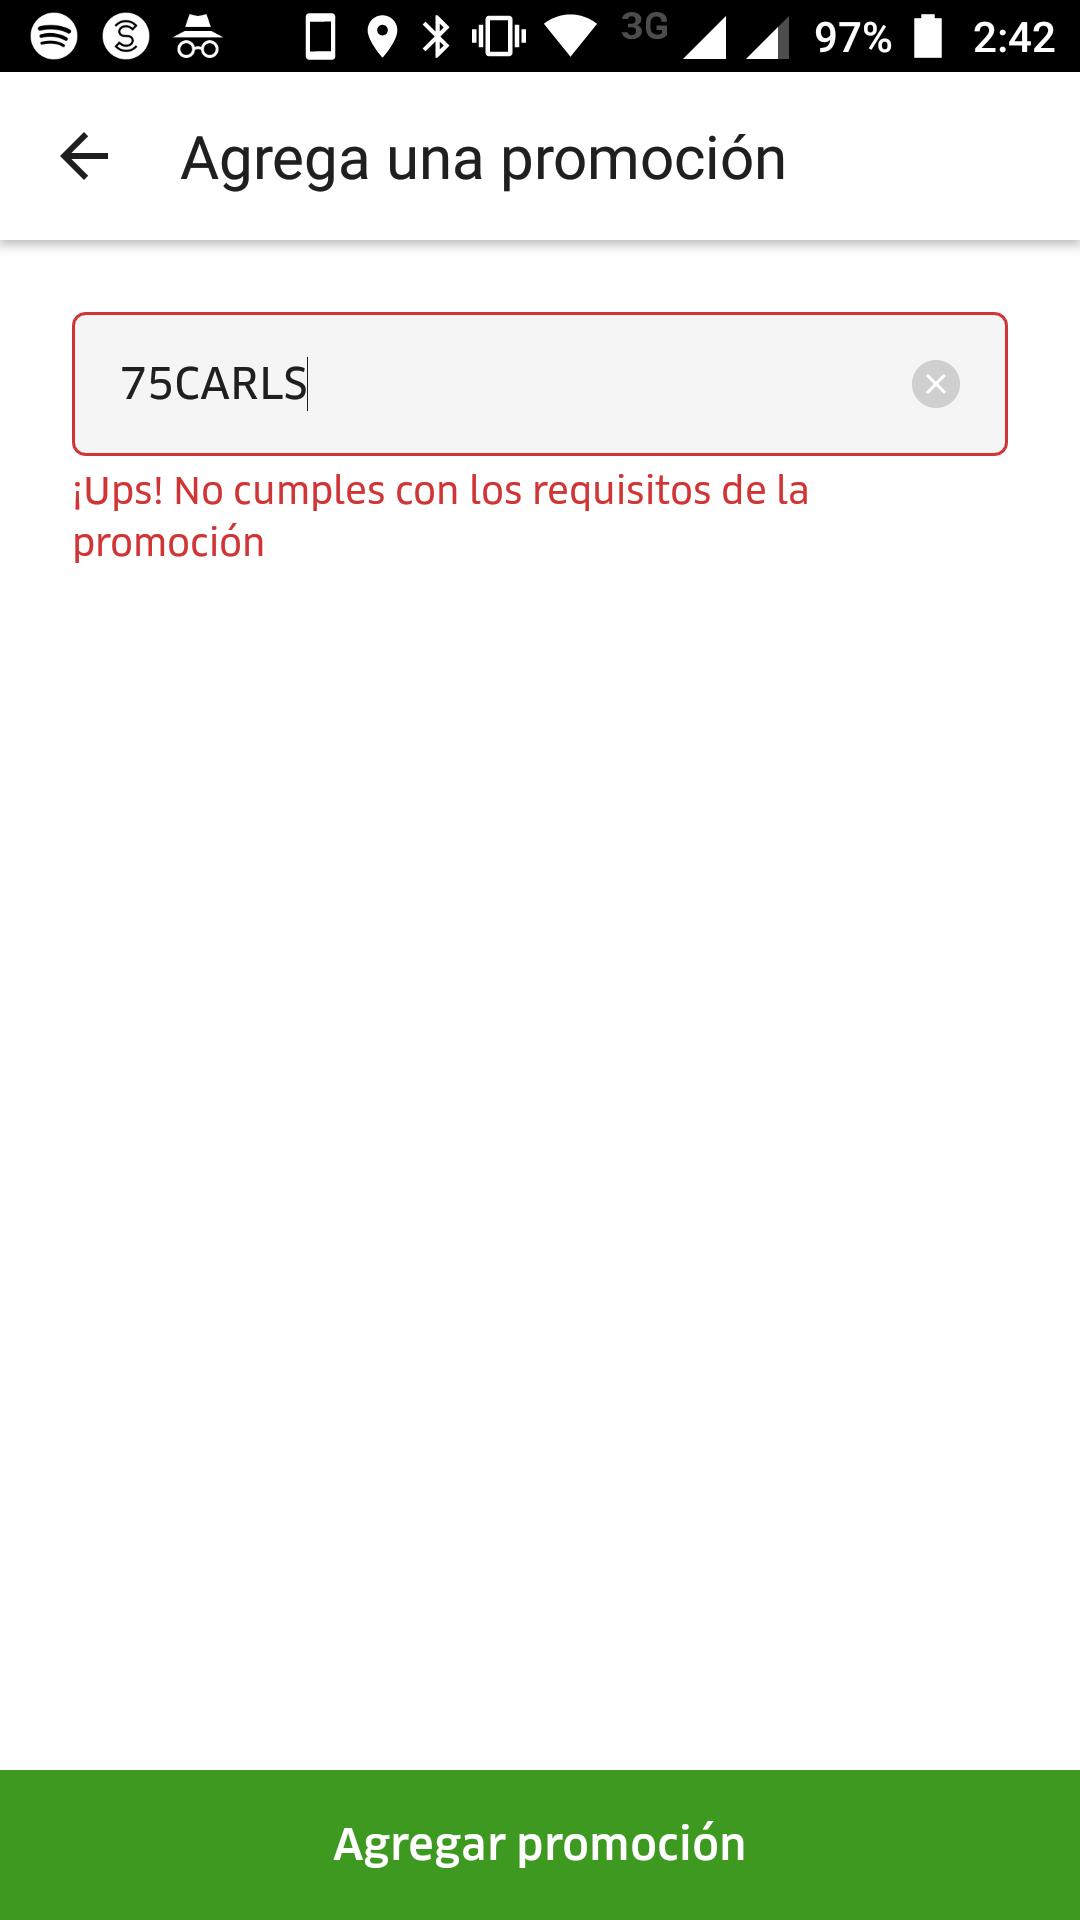 2783694-cJT2v.jpg